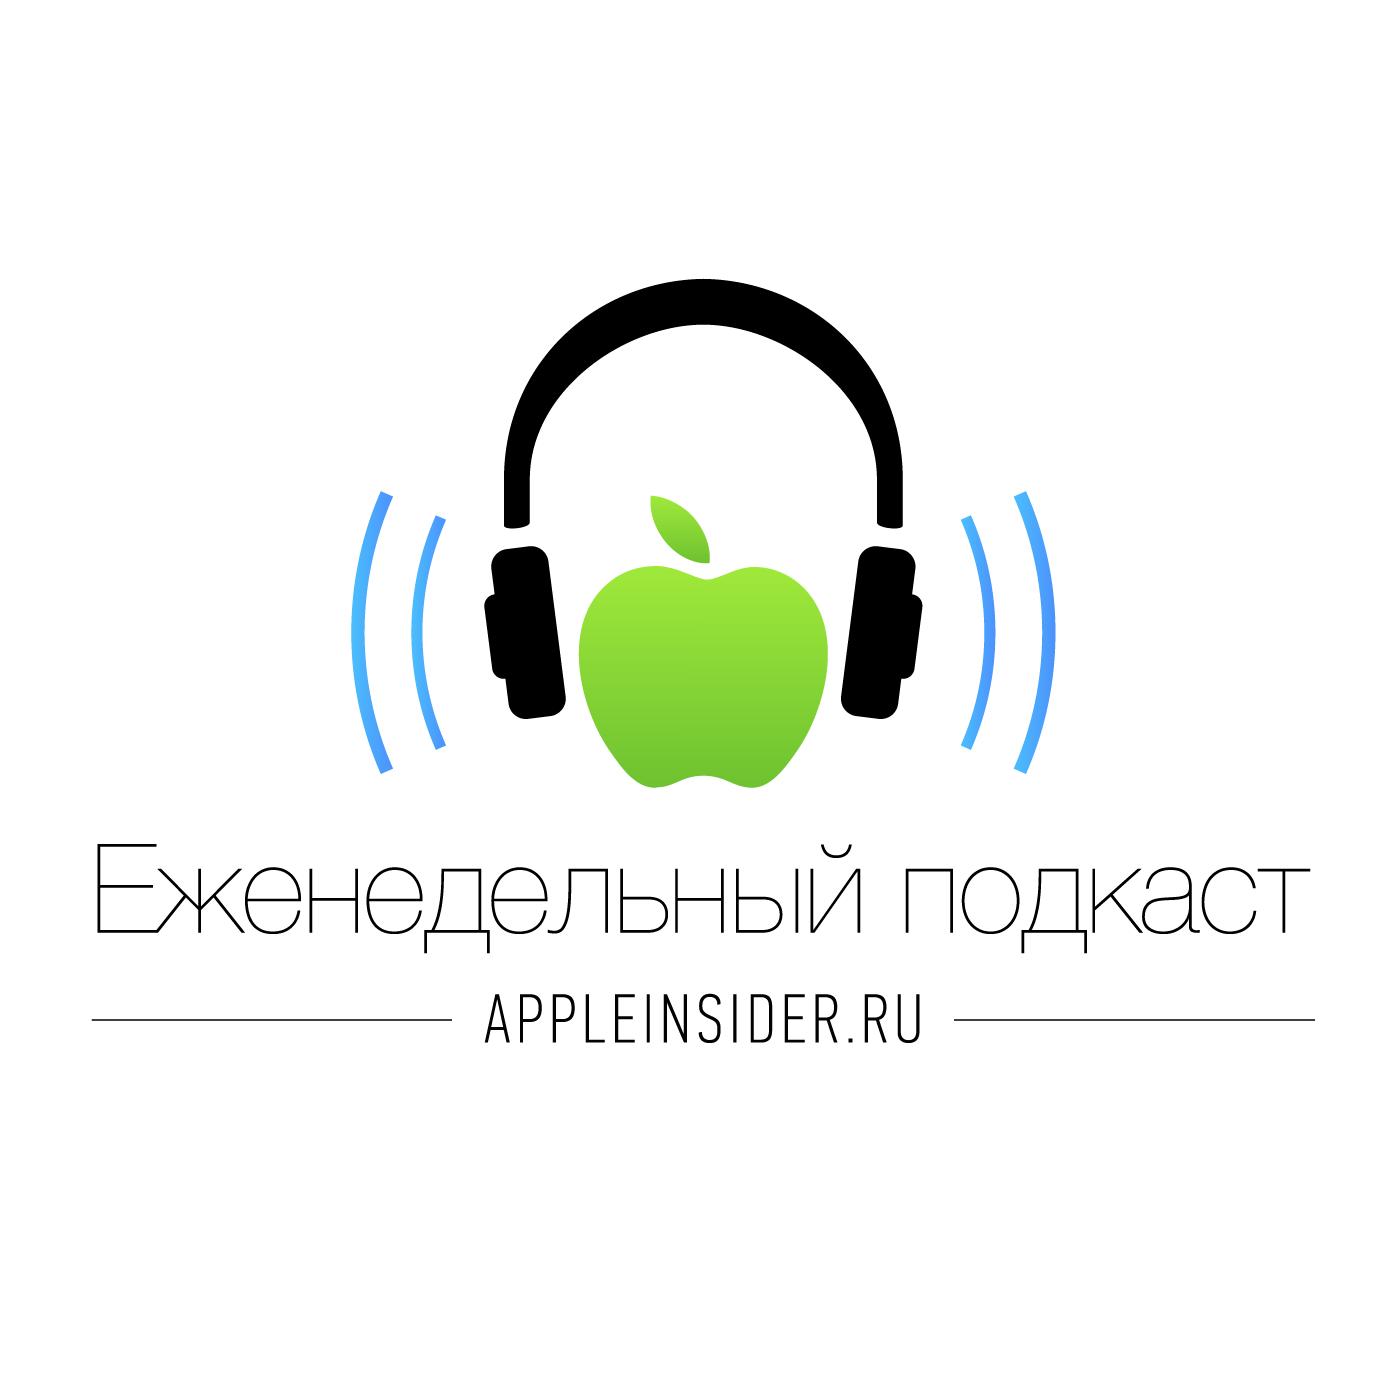 Миша Королев Скоро мы не узнаем батарею в iPhone миша королев чему равна наценка на iphone в российской рознице